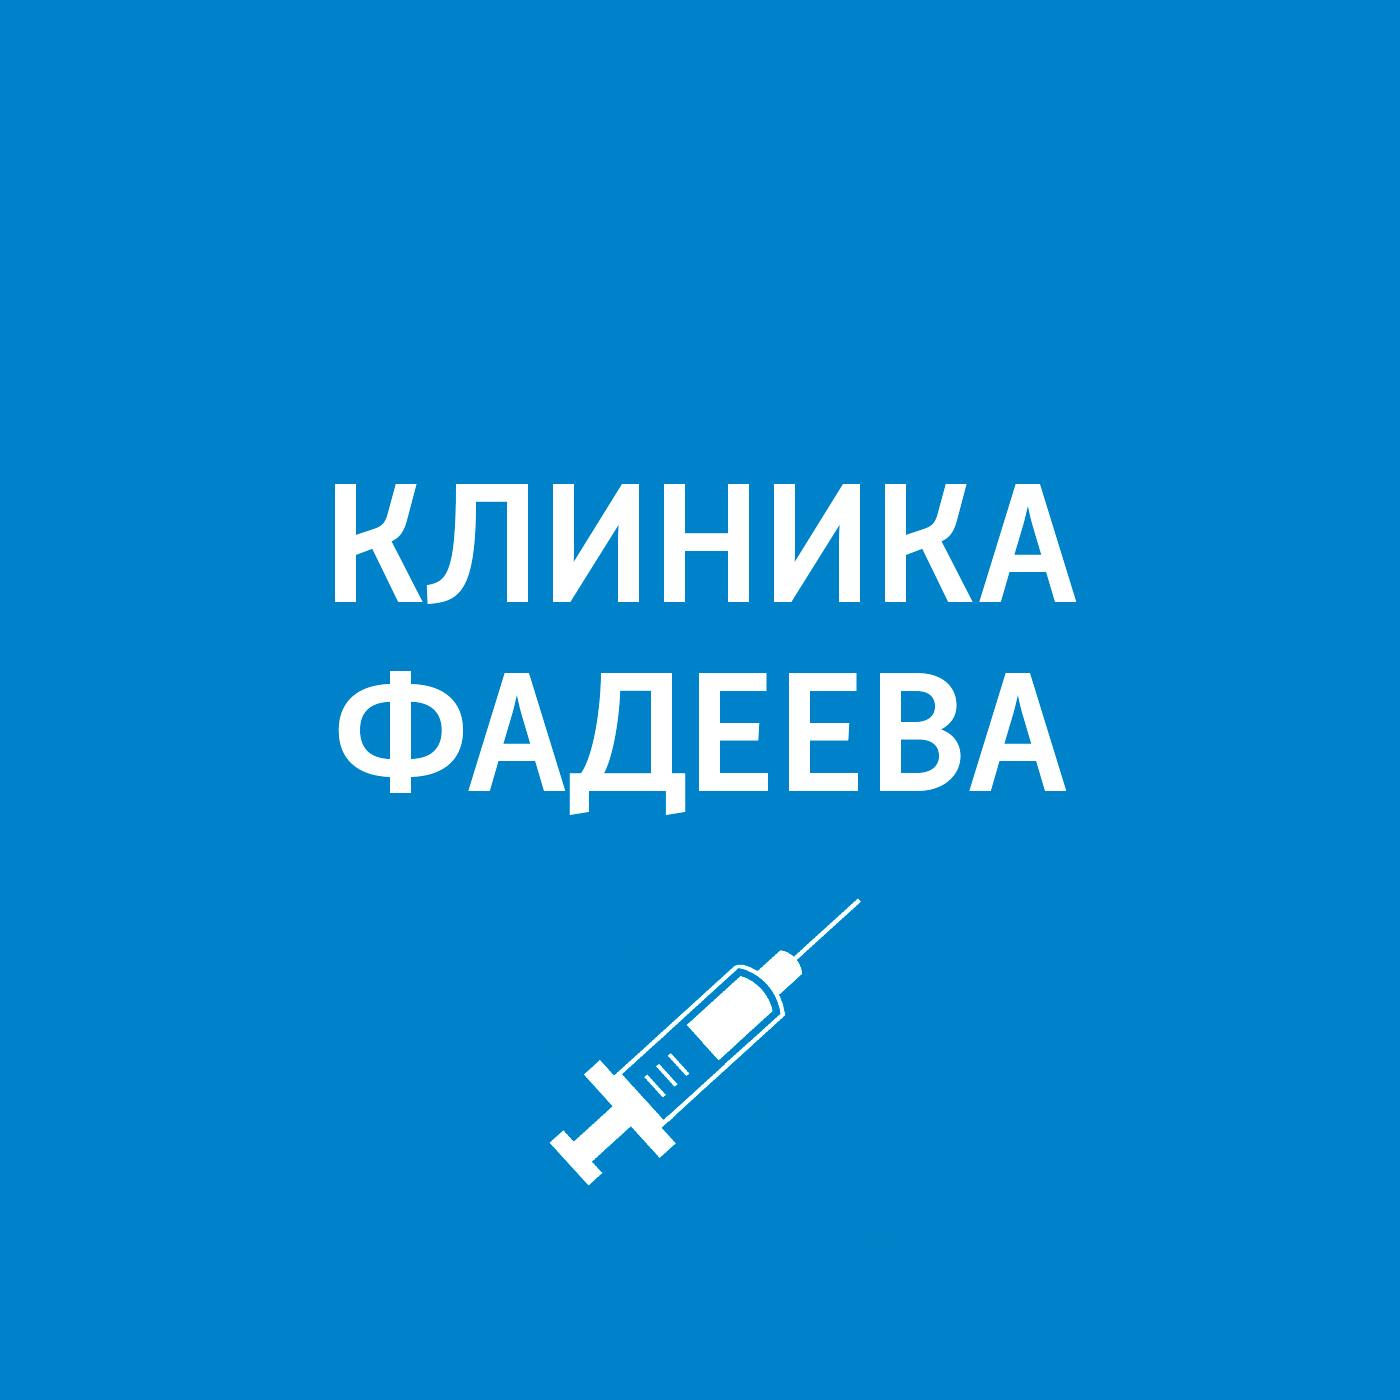 Пётр Фадеев Советы врача-педиатра помогают ли прививки от бешенства животным